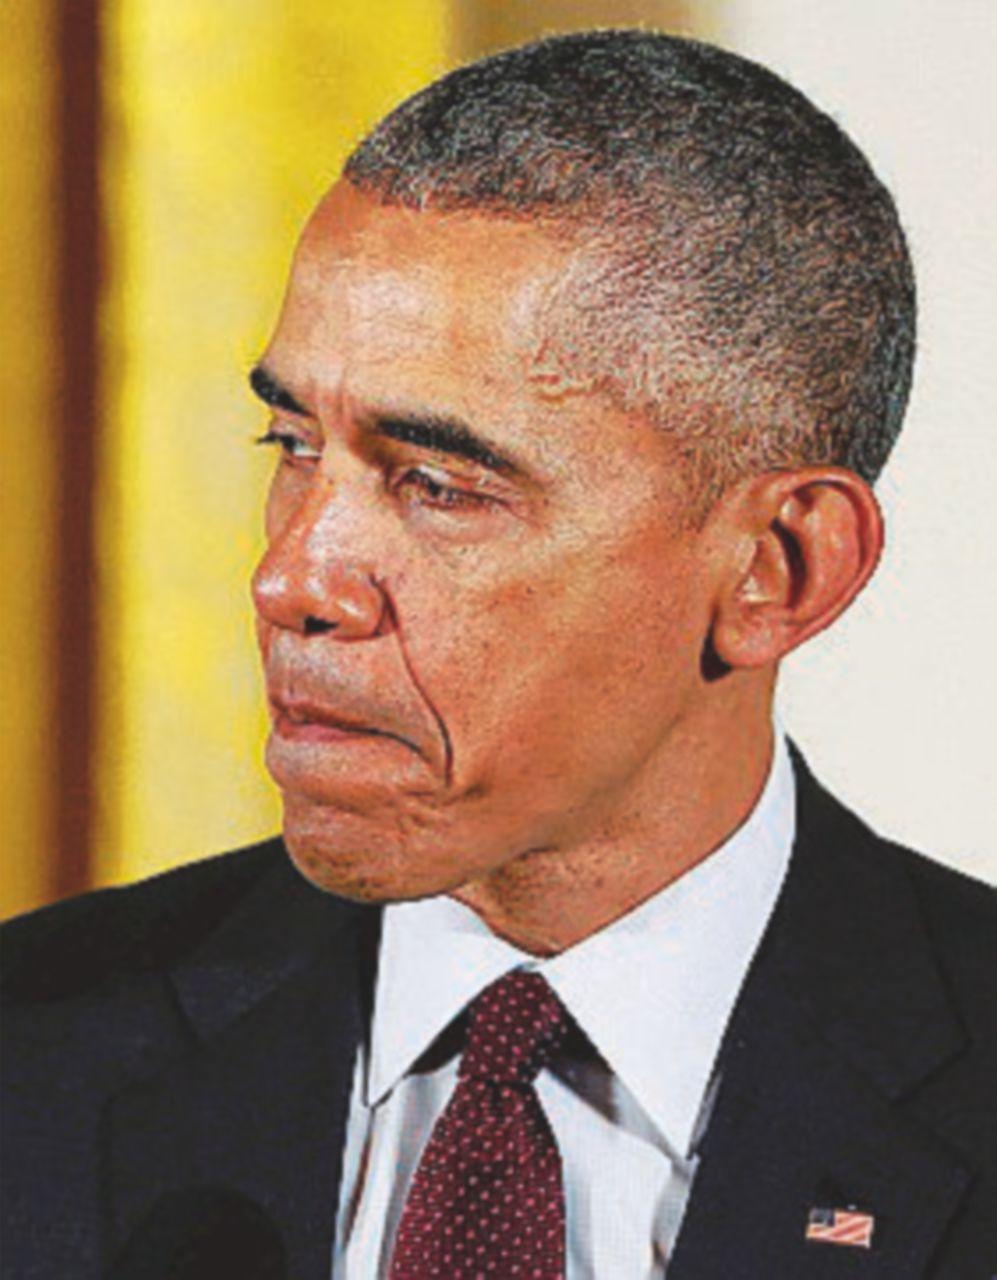 Regalo di Hanoi a Barack Obama: scarcerato paladino dei diritti umani